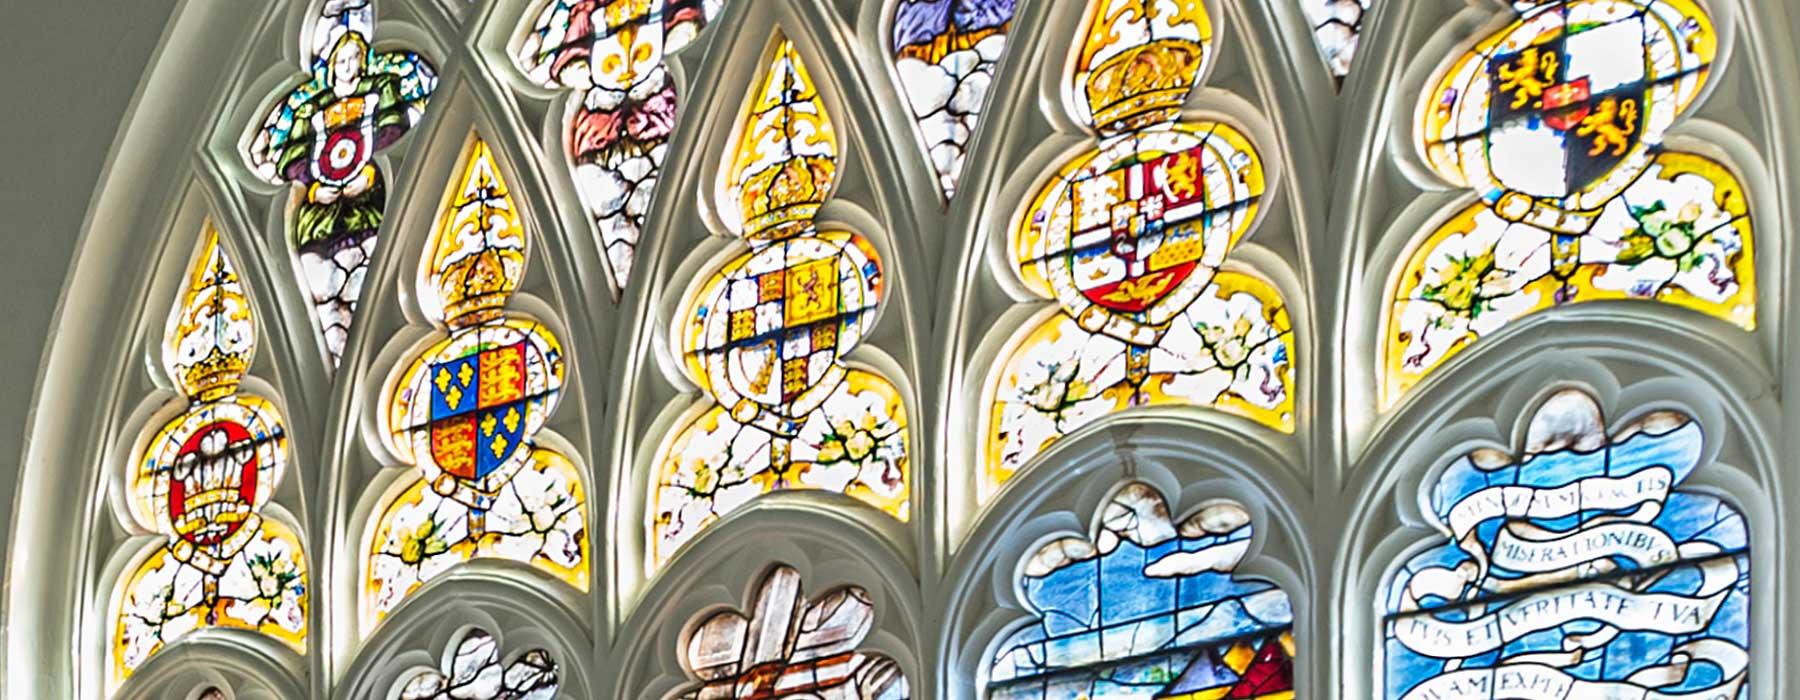 Chapel Windows